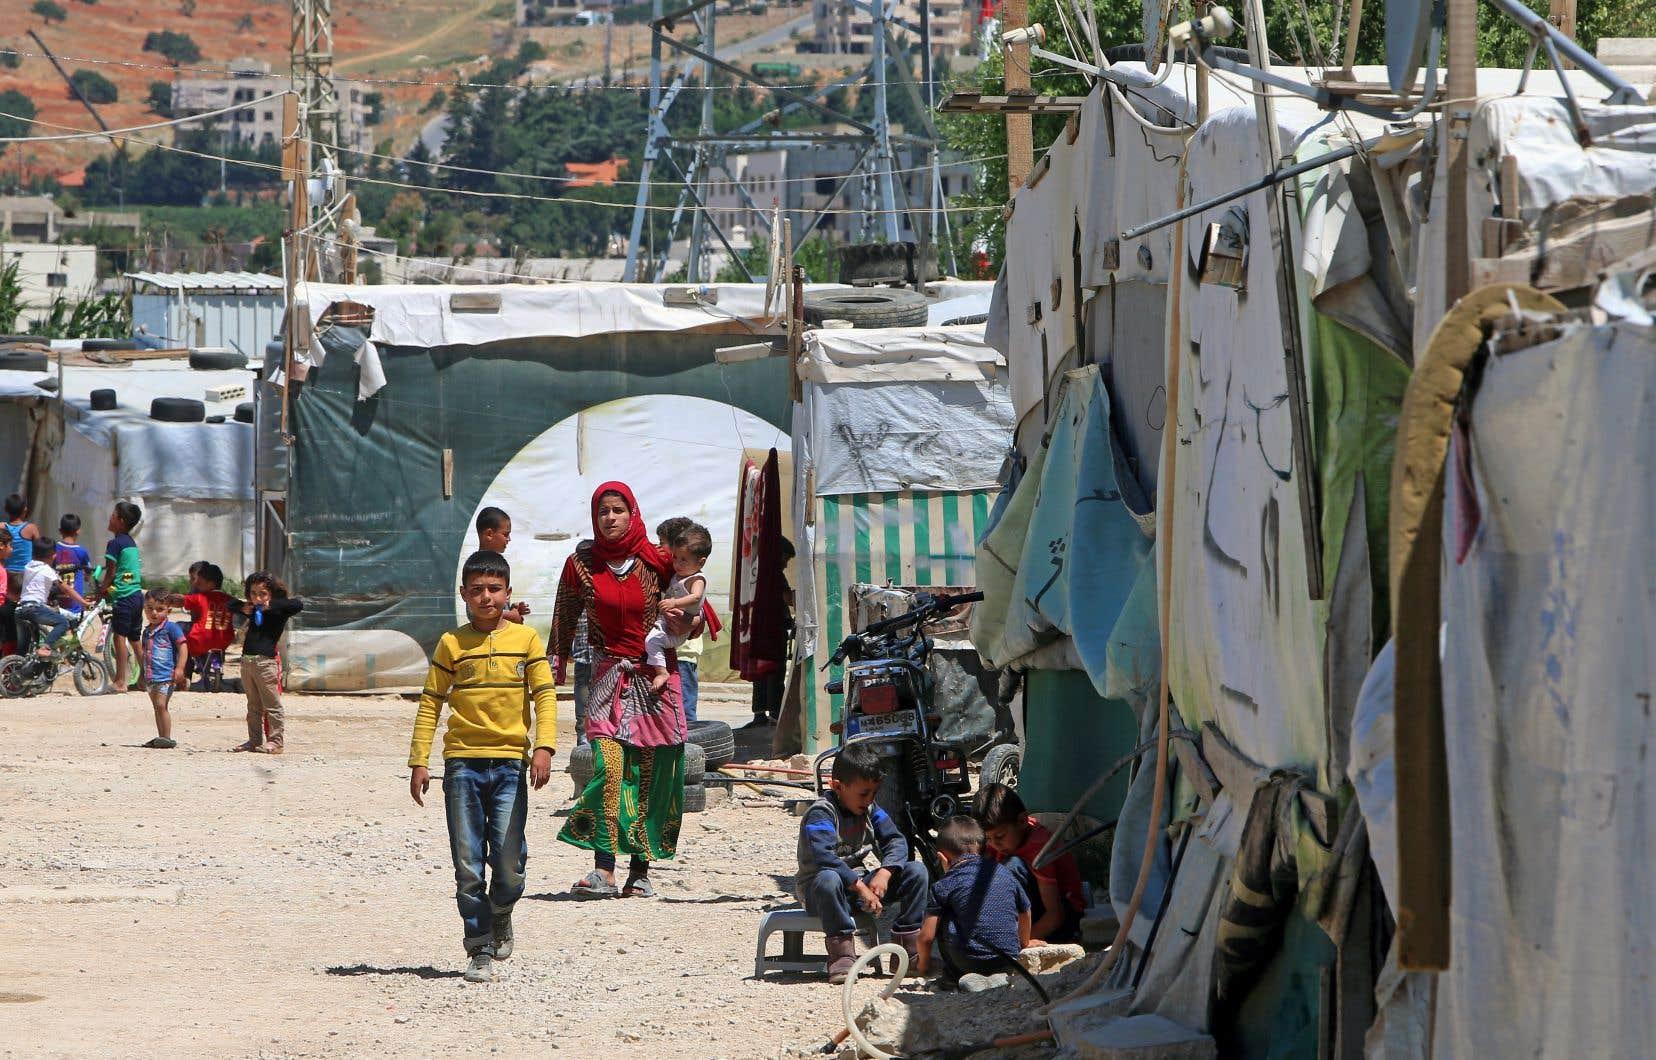 Les réfugiés que veulent parrainer les organismes attendent souvent dans des camps depuis des années.